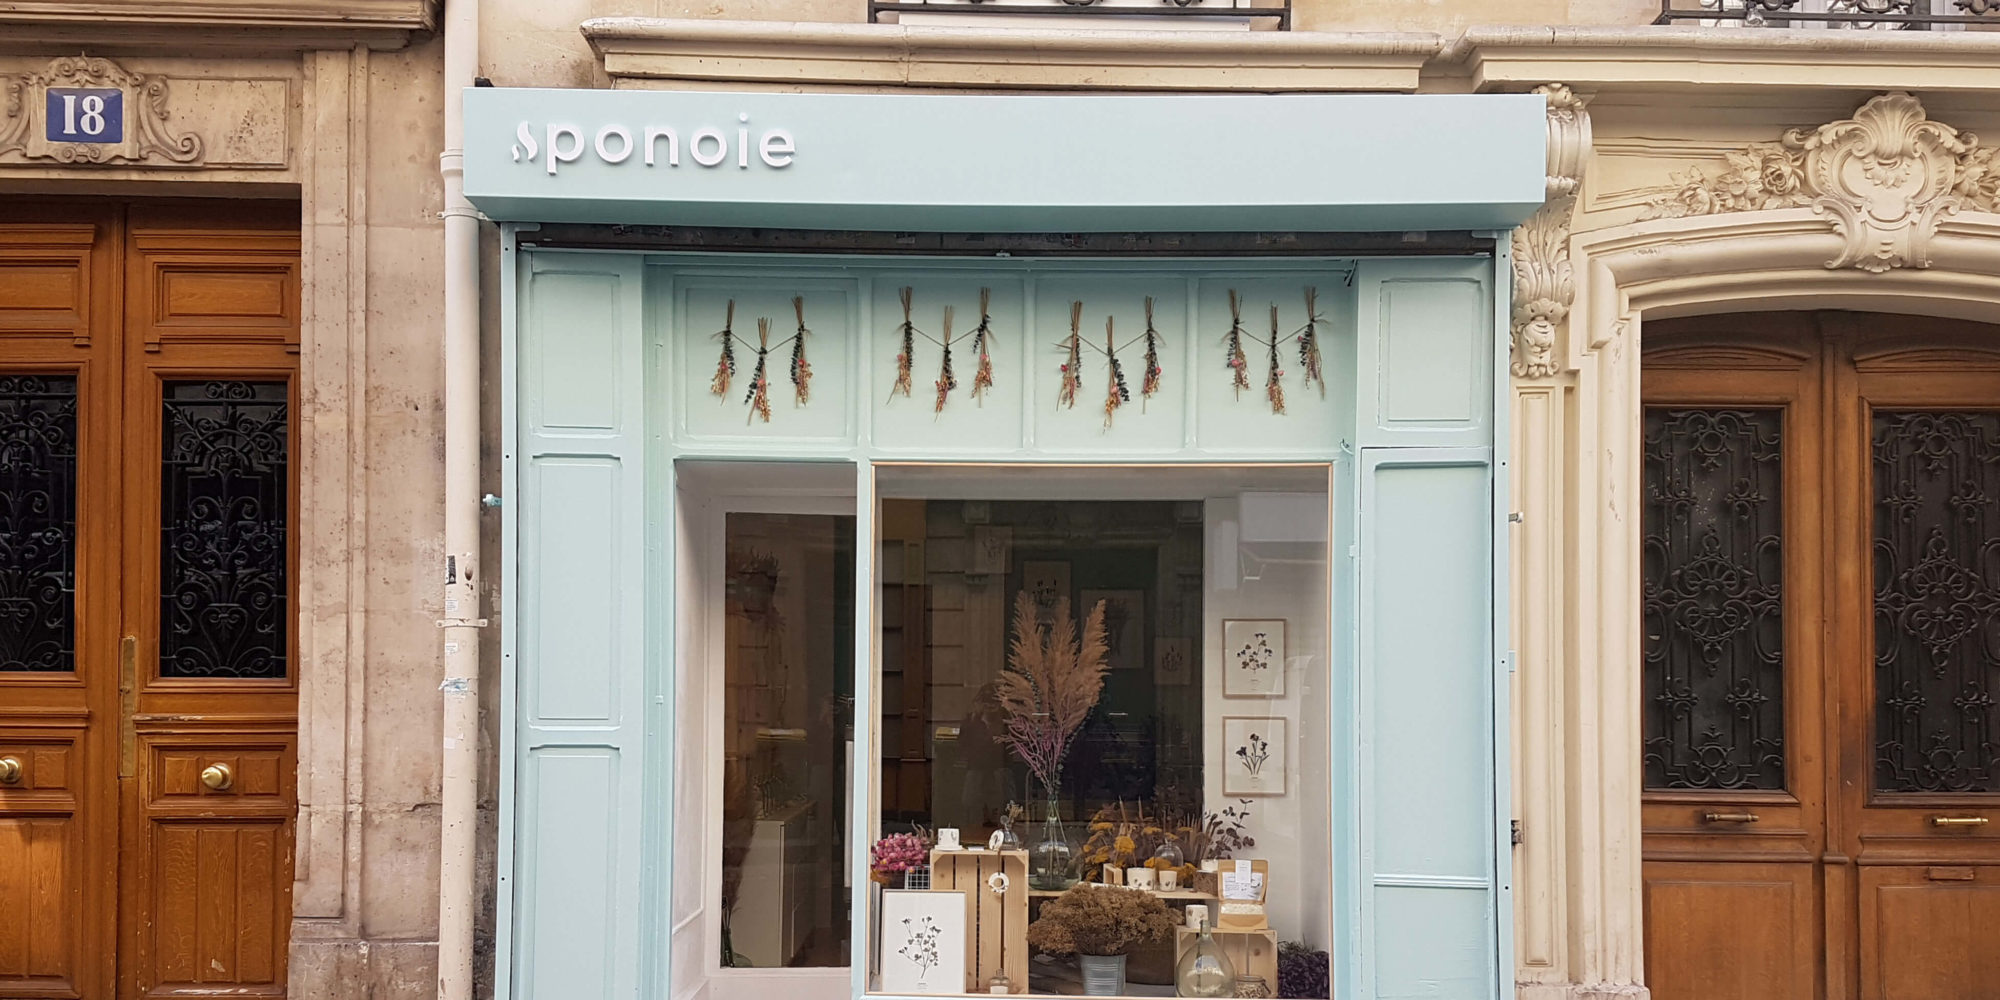 boutique bougie paris - fleurs sechees paris - boutique ponoie paris